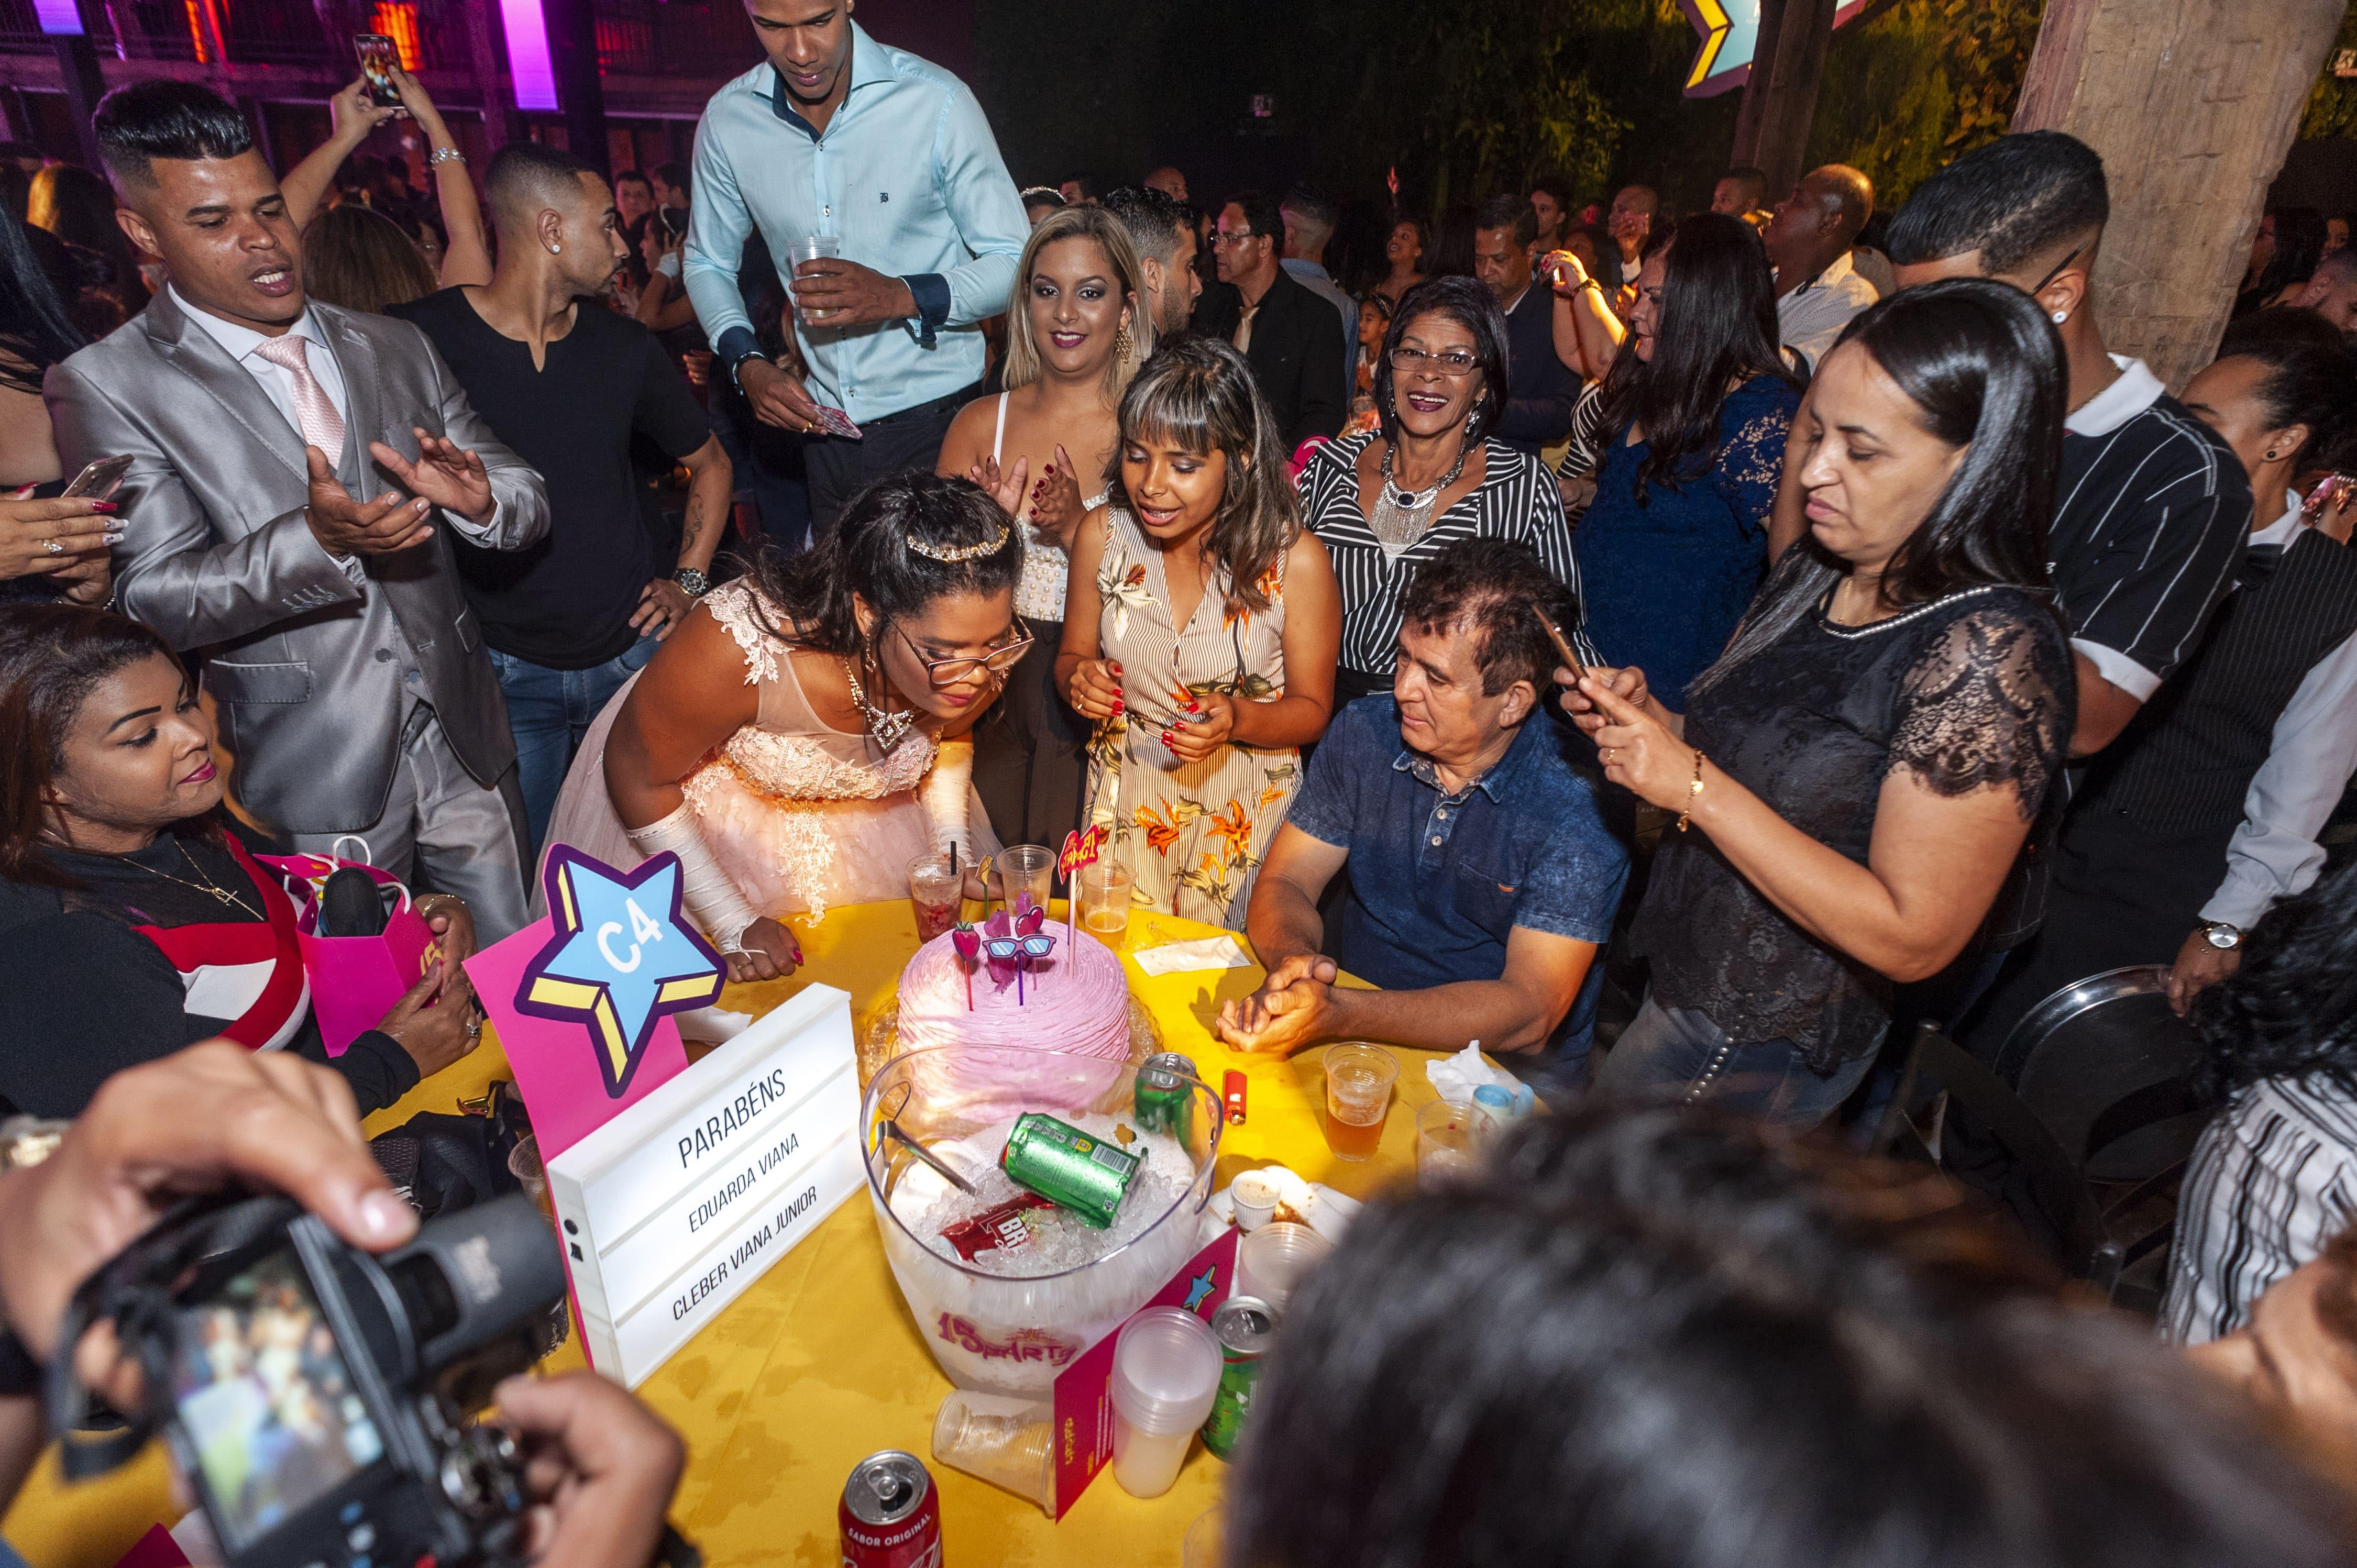 empresa festa 15 alunos filhas funcionários